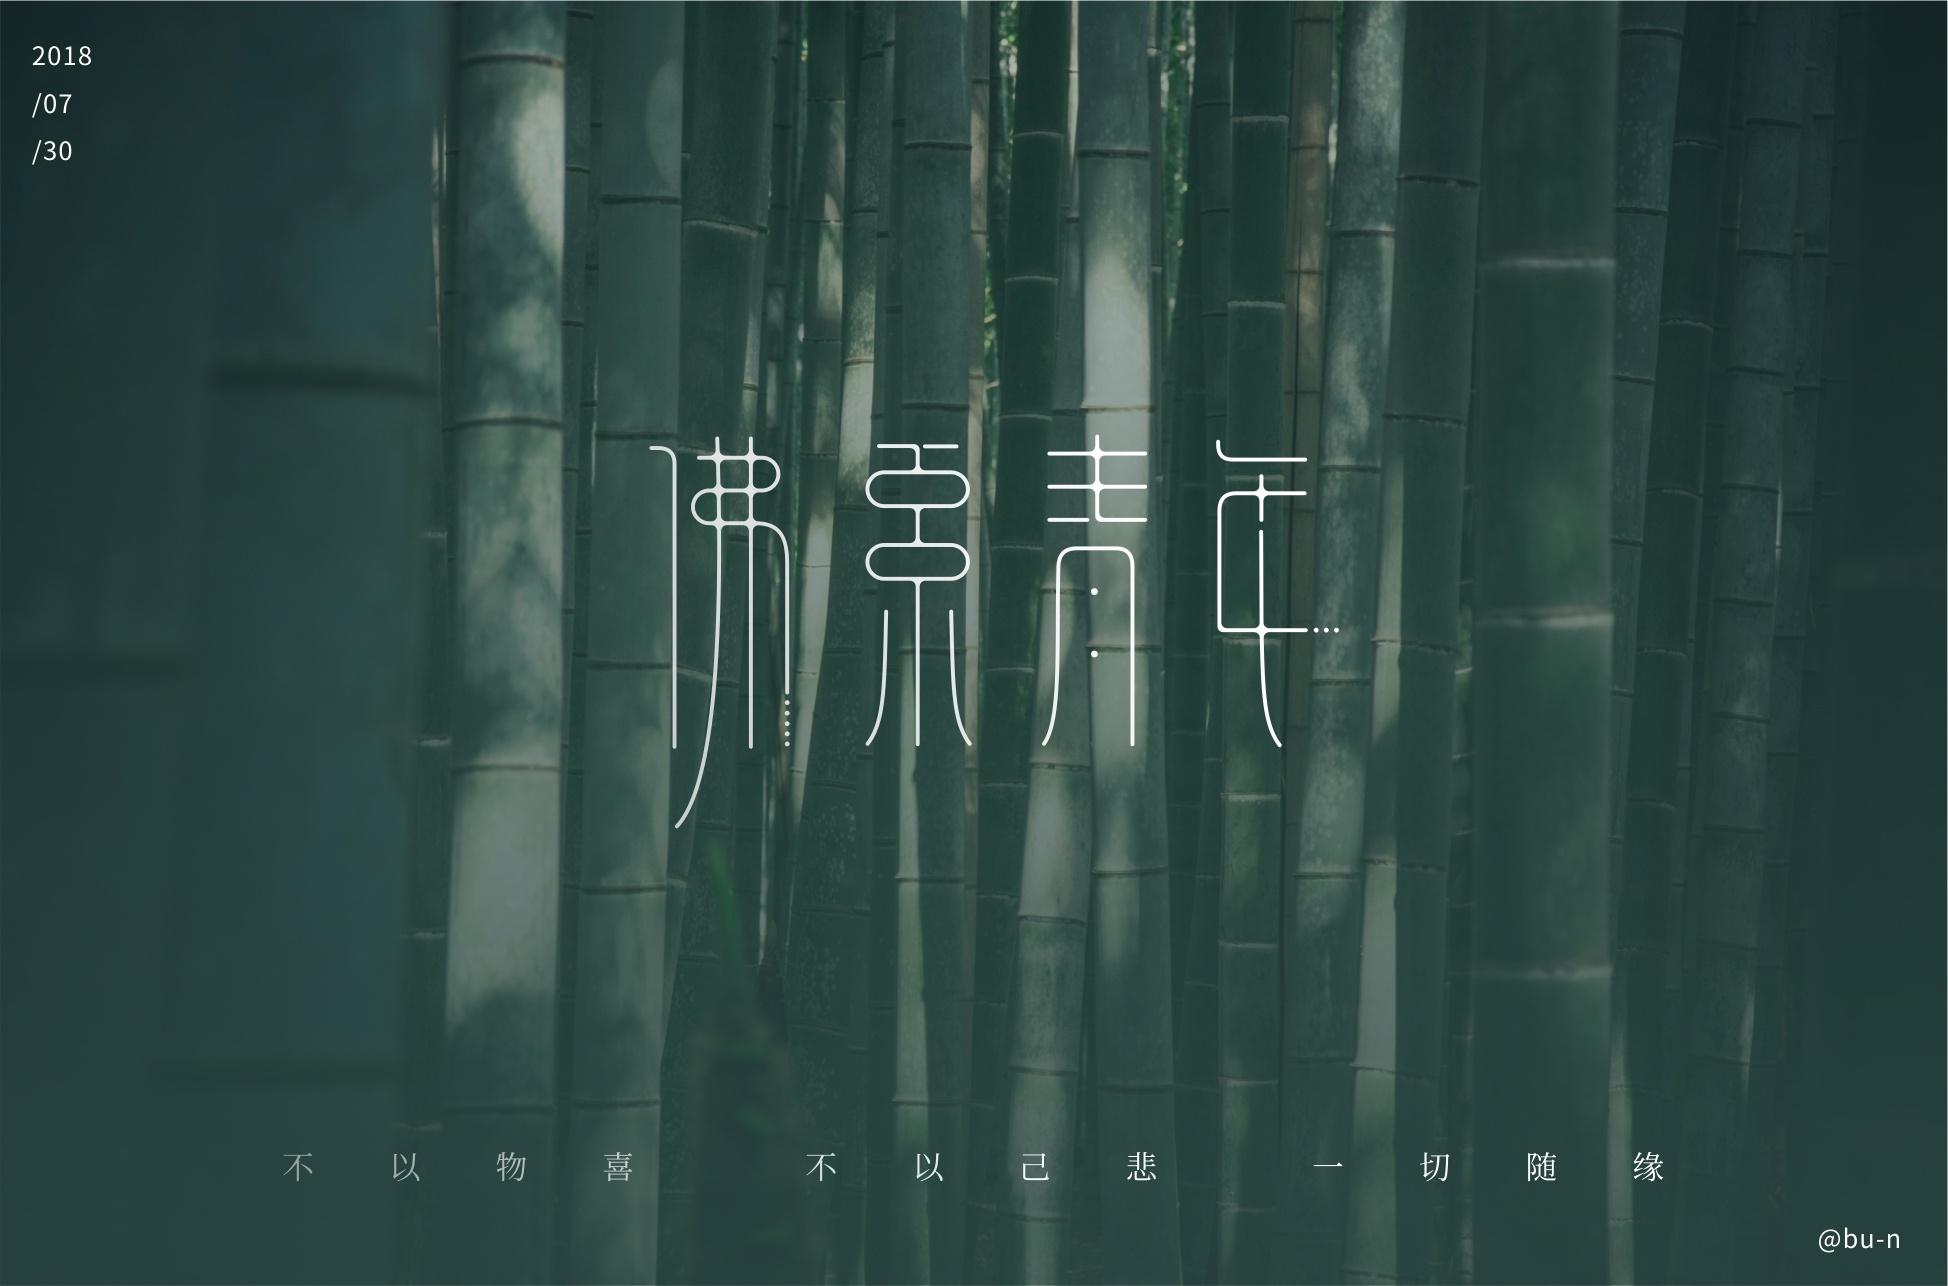 佛系青年|平面|字体/字形|木木木木下线了 - 原创作品图片